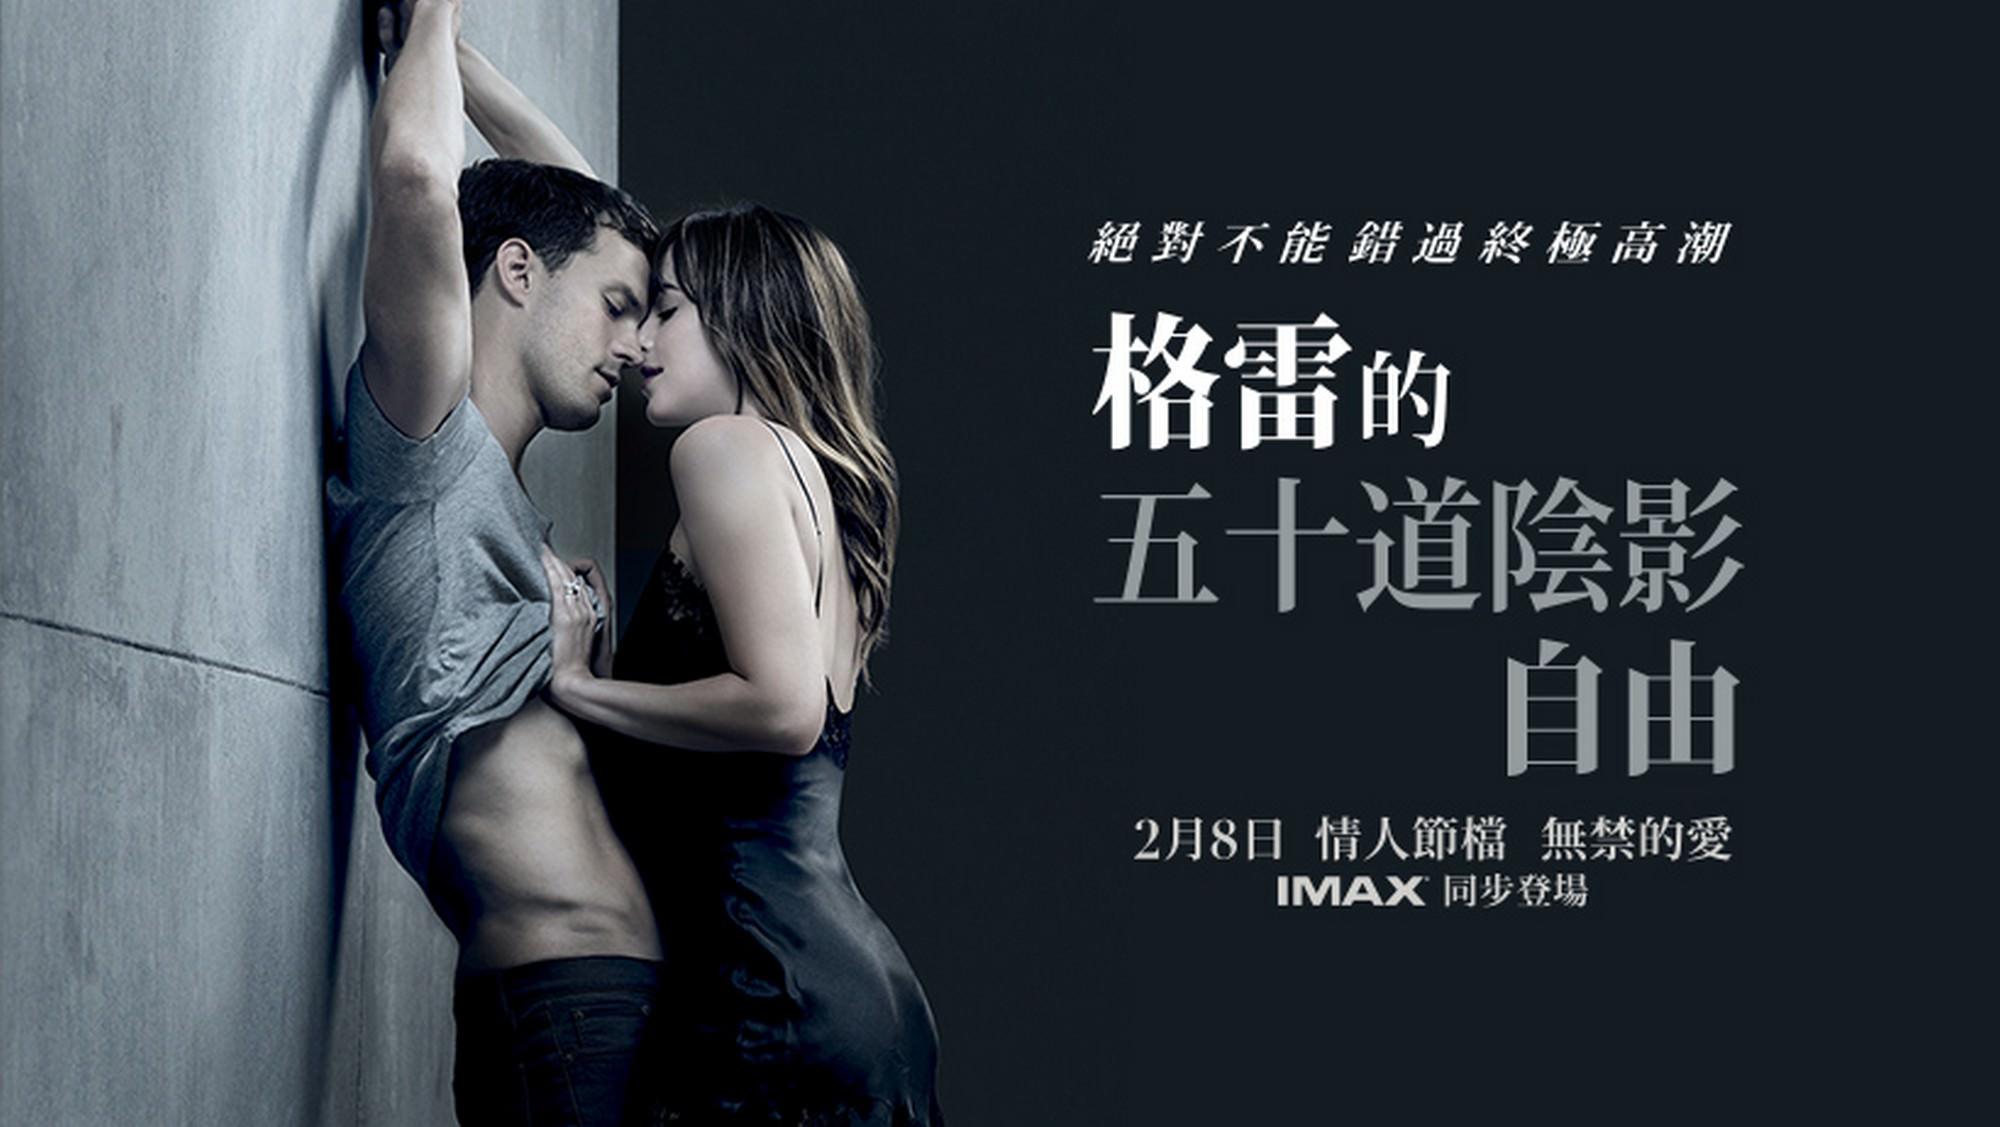 Movie, Fifty Shades Freed(美國) / 格雷的五十道陰影:自由(台) / 格雷的五十道色戒3(港) / 五十度飞(網), 電影海報, 台灣, 橫版